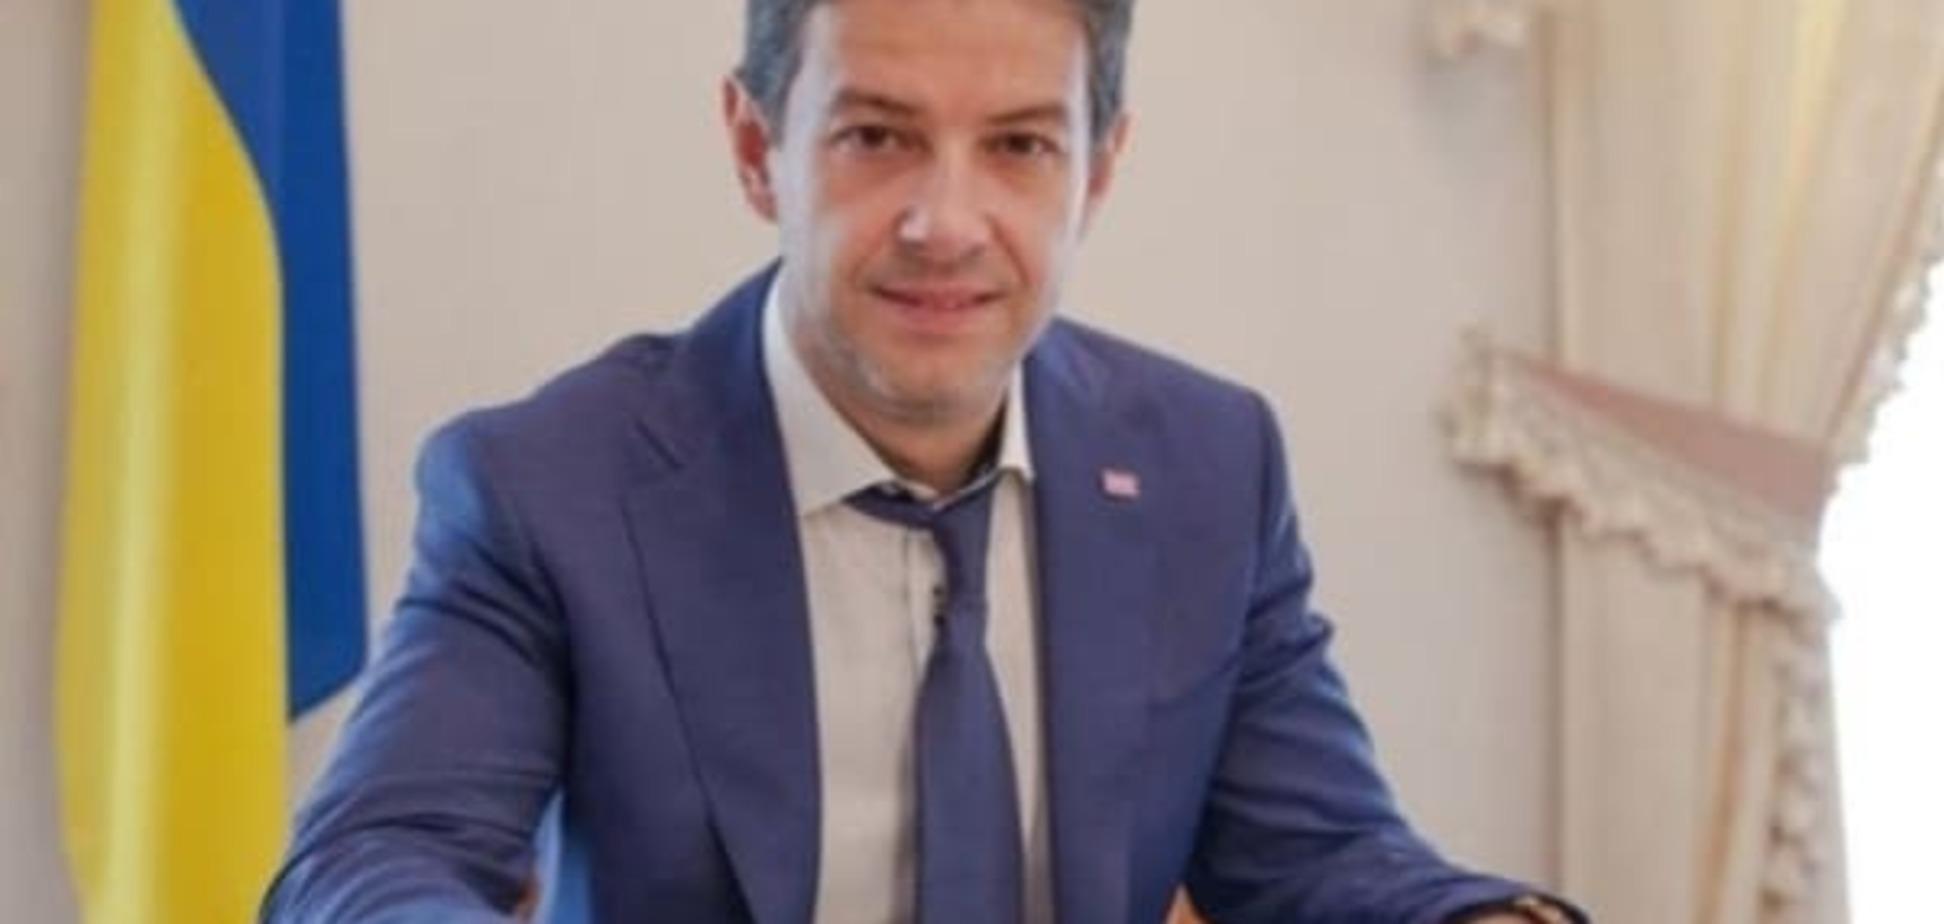 Нардеп Алексеев расказал о главном векторе судебной реформы